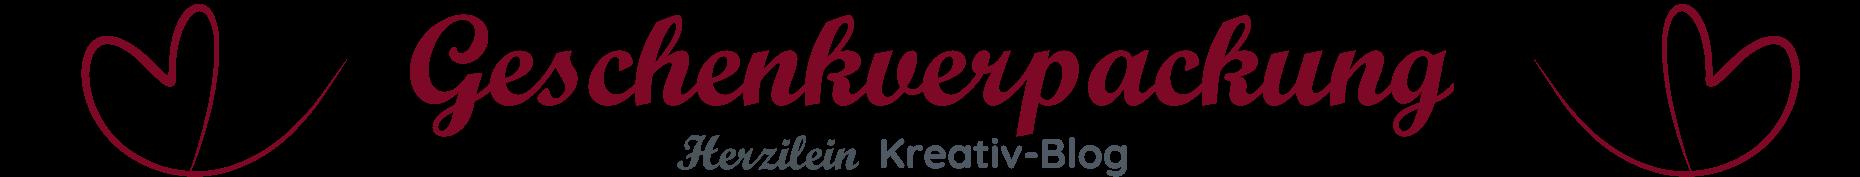 Herzilein Wien - Herzilein-Kreativ-Blog-Geschenkverpackung